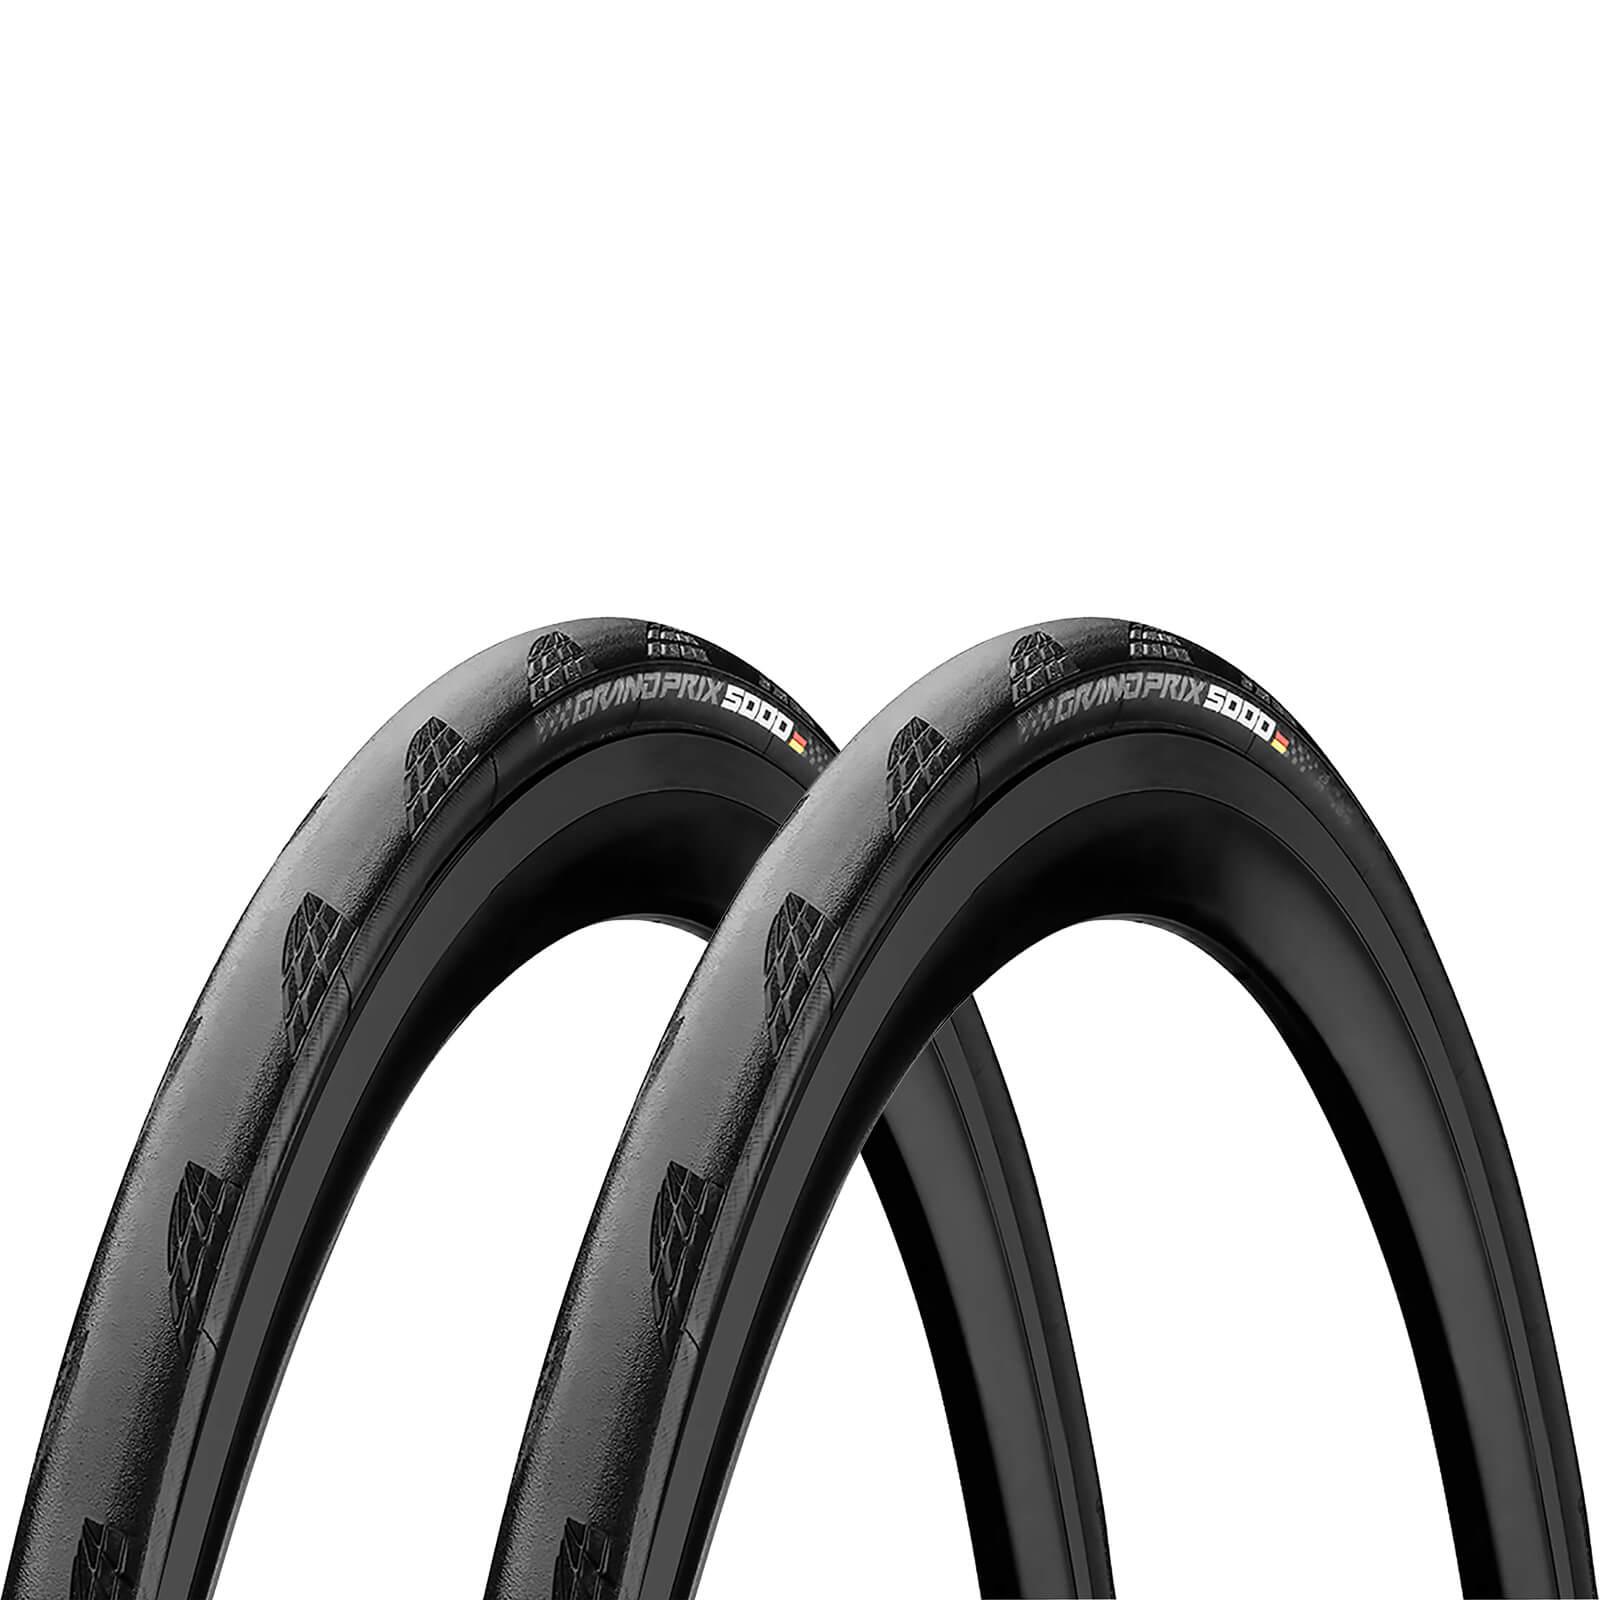 コンチネンタルグランプリ5000 クリンチャーロードタイヤツインパック-ブラック